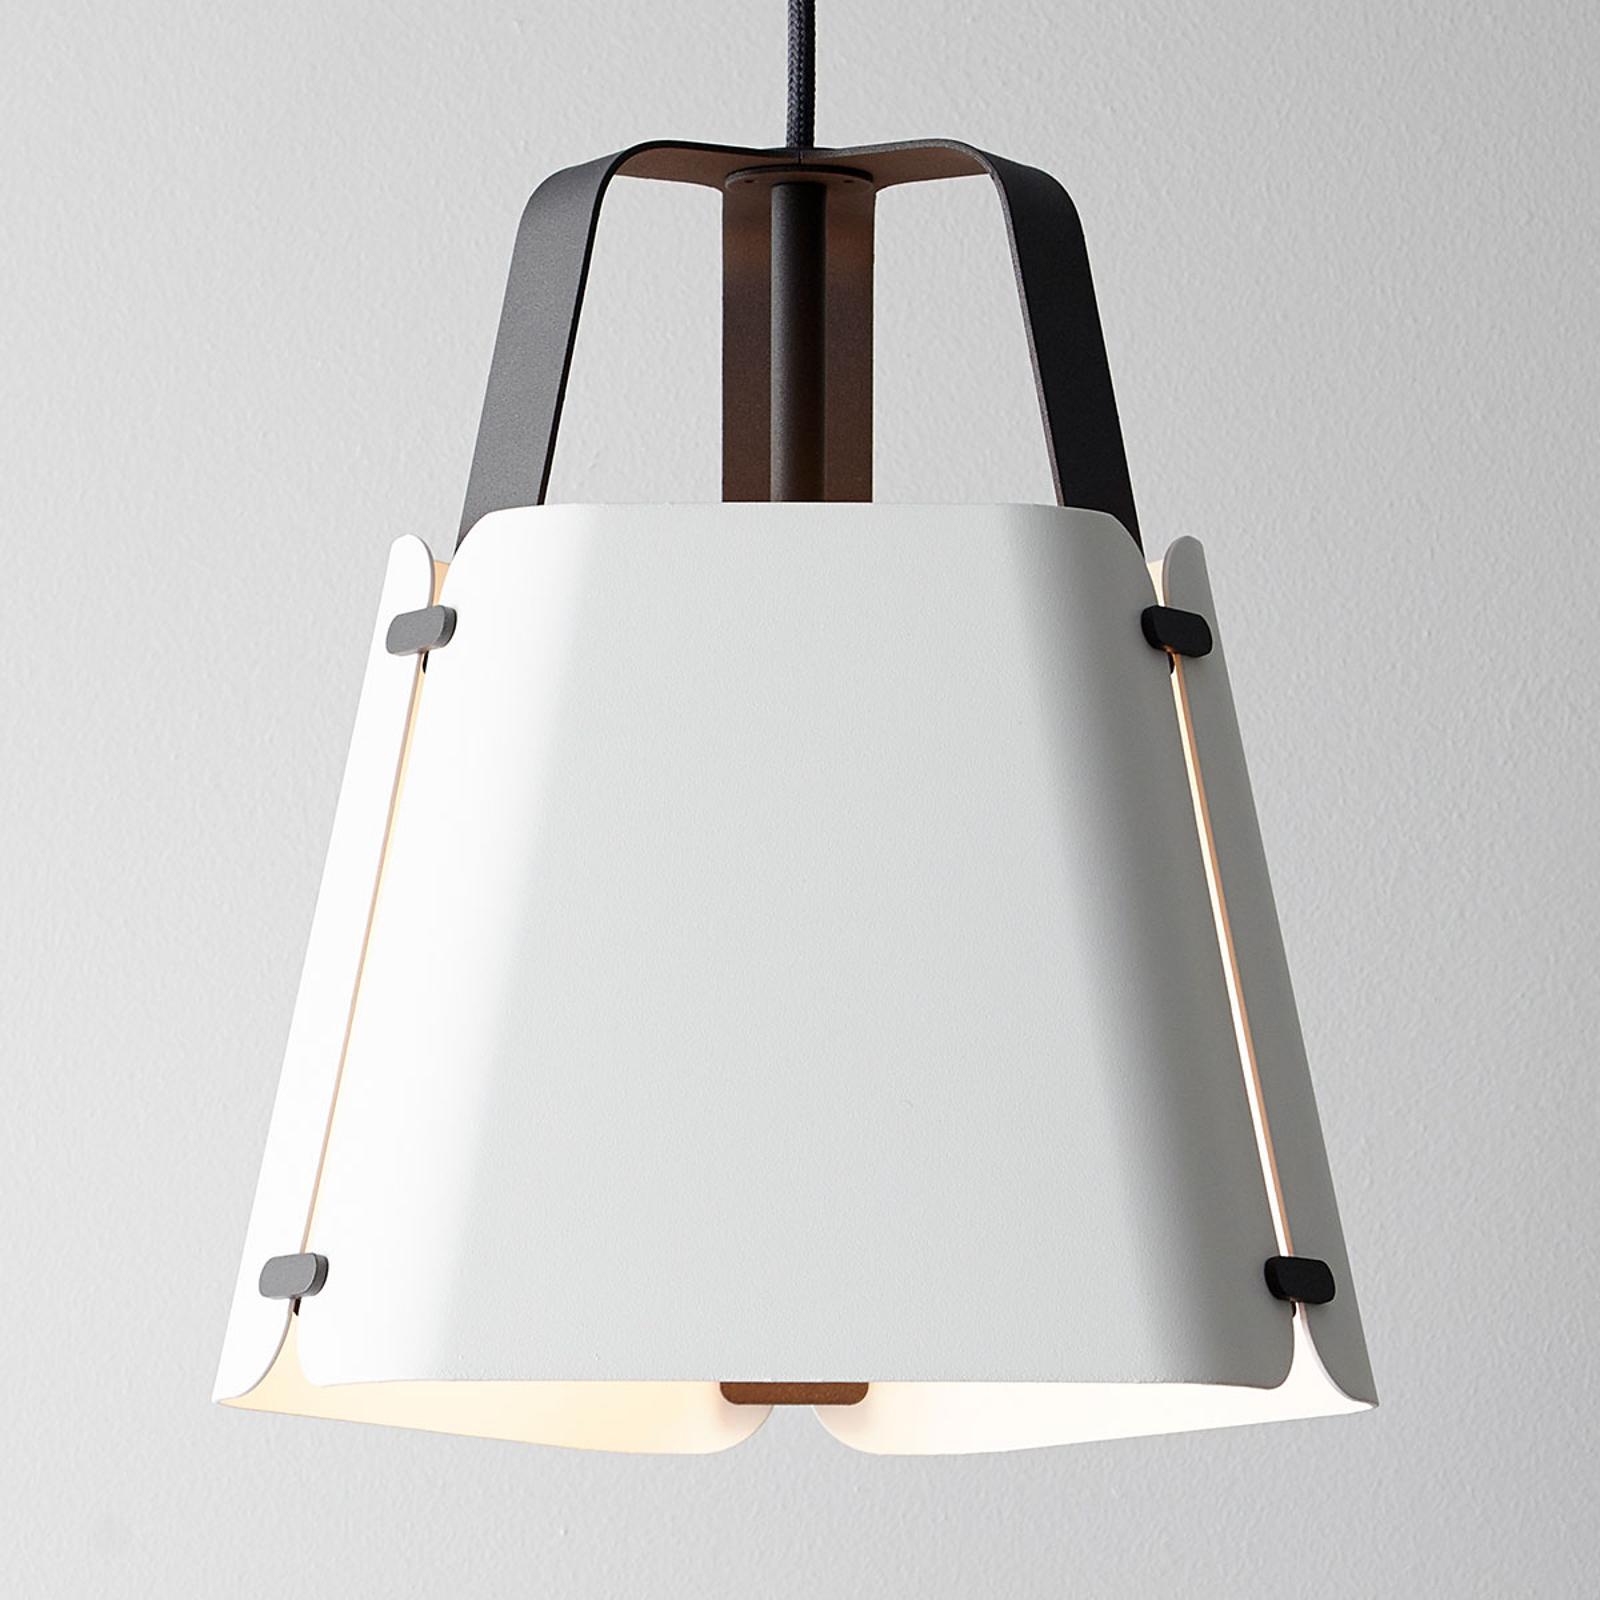 Lampa wisząca Fold, biała, 27,5 cm